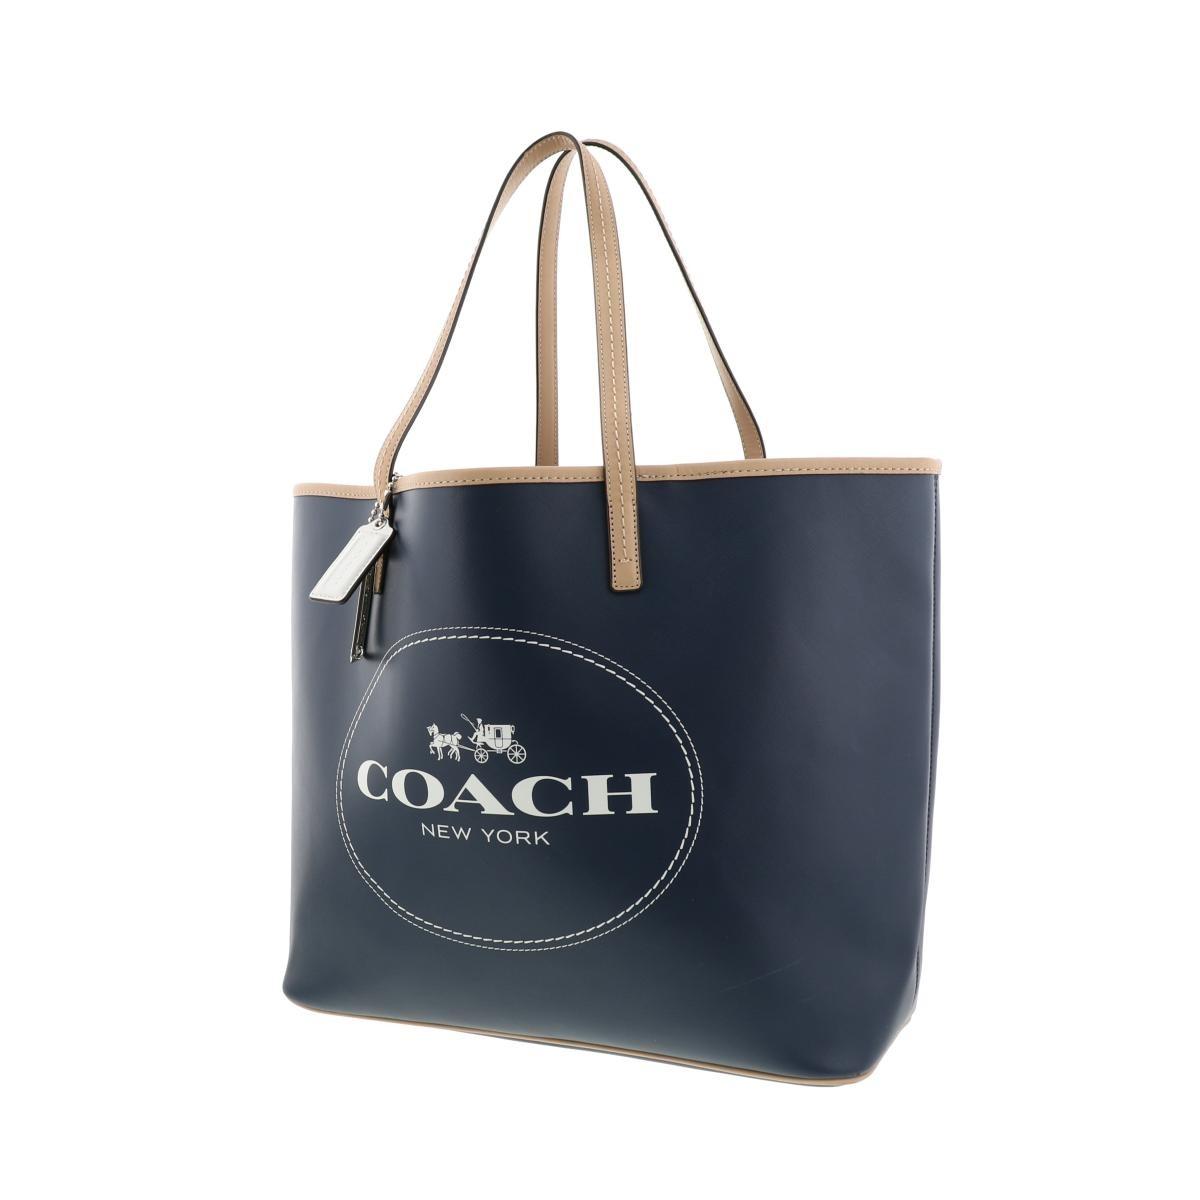 【中古】COACH コーチ メトロ トートバッグ バッグ トートバッグ  Navy/ネイビー ベージュ ロゴ F31315 used:B